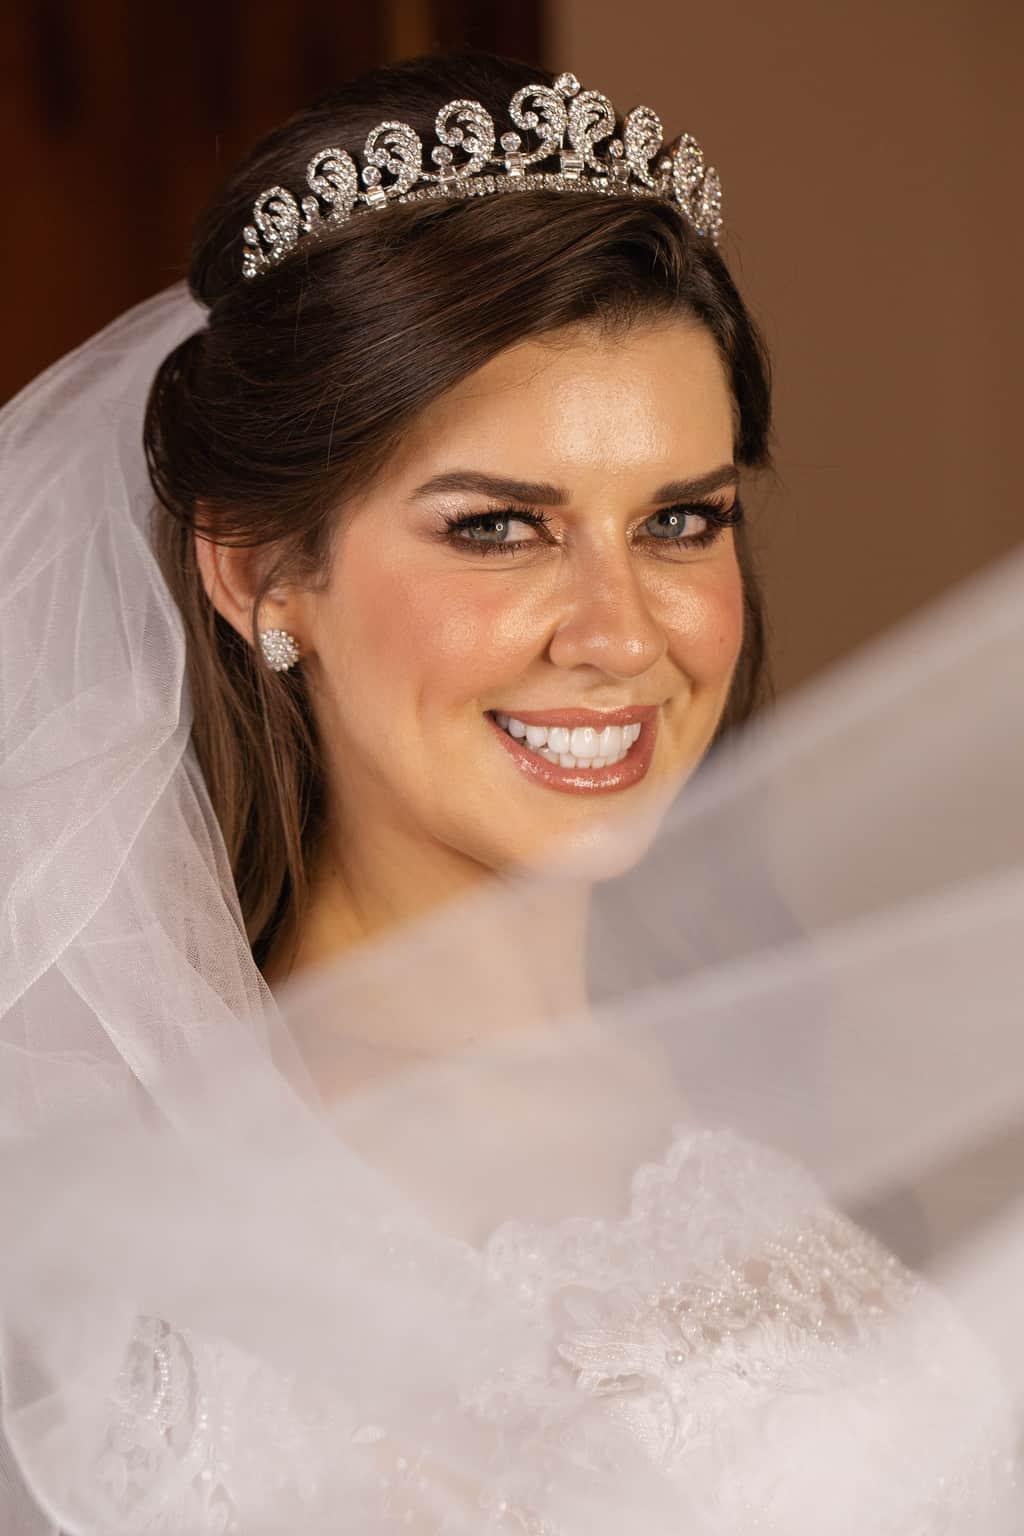 beleza-da-noiva-casamento-Raquel-e-Igor-fotografia-VRebel159